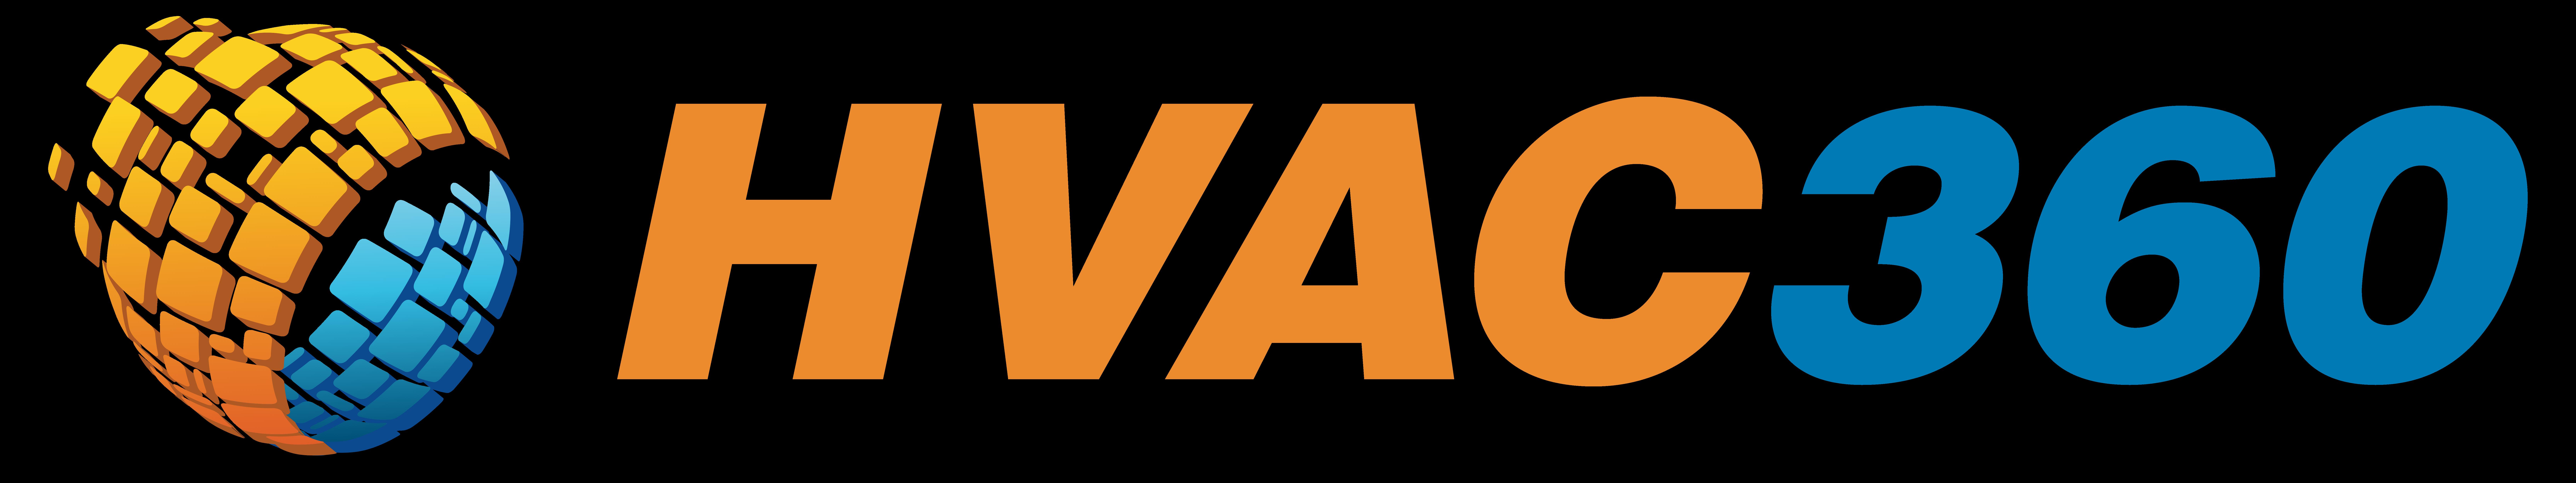 HVAC360